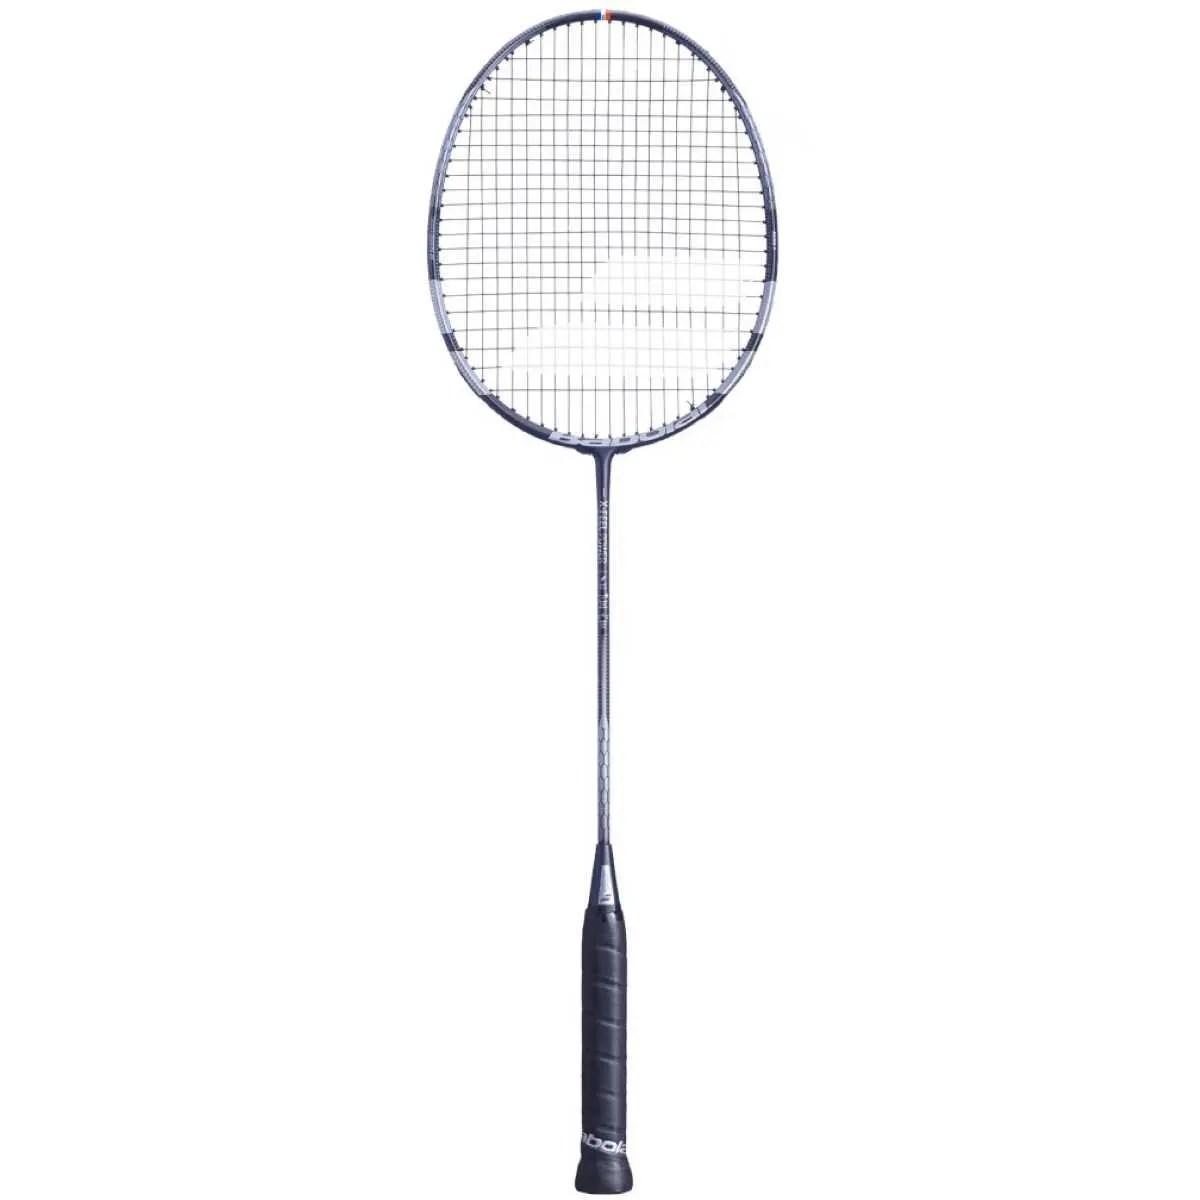 Buy Babolat X Feel Power Badminton Racket Online India